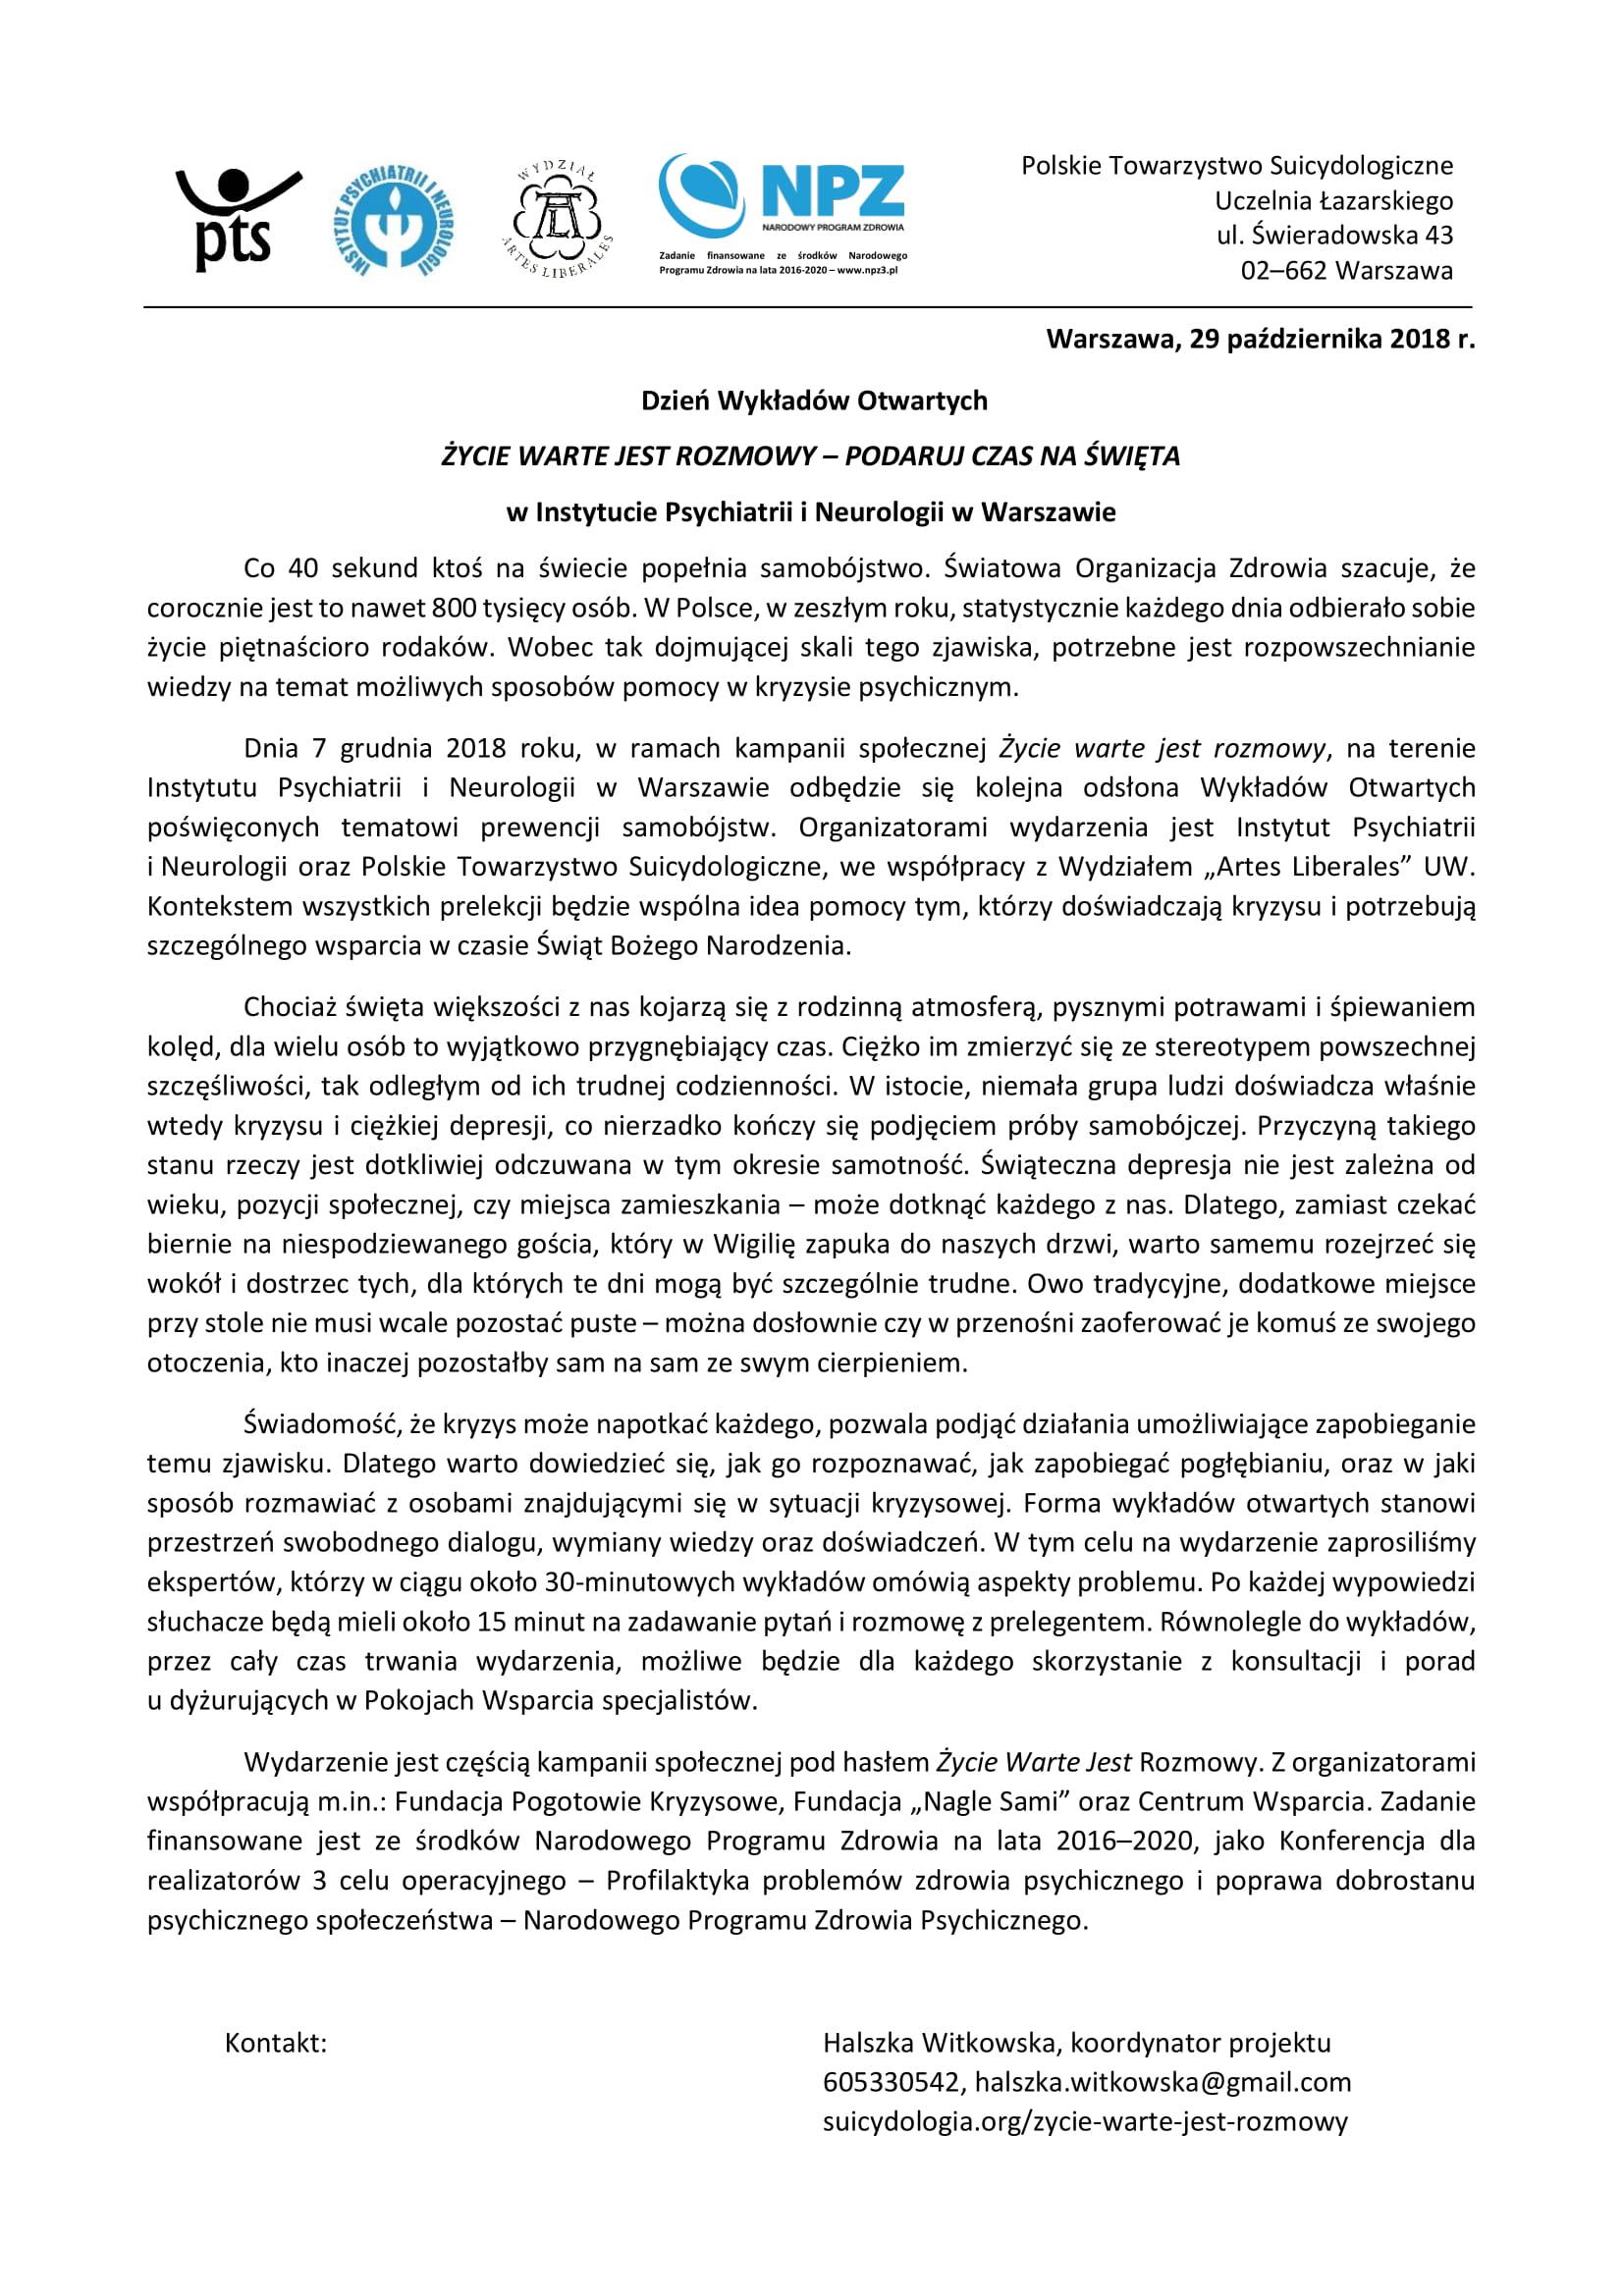 Komunikat prasowy - Życie warte jest rozmowy - PTS, 29.10.2018-1